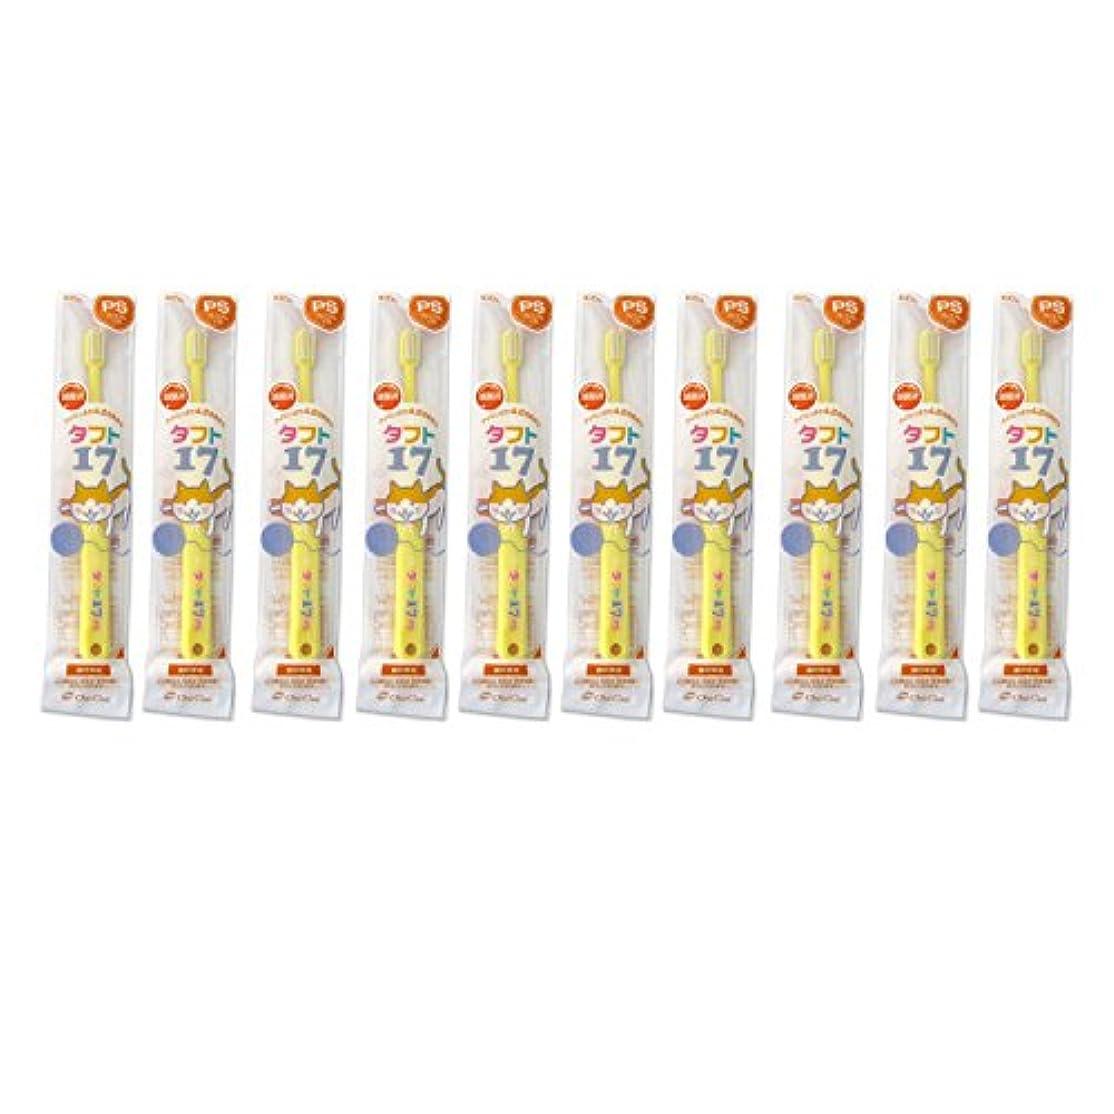 雄大な成分初心者タフト17 10本 オーラルケア タフト17/プレミアムソフト 子供 タフト 乳歯列期(1~7歳)こども歯ブラシ 10本セット イエロー